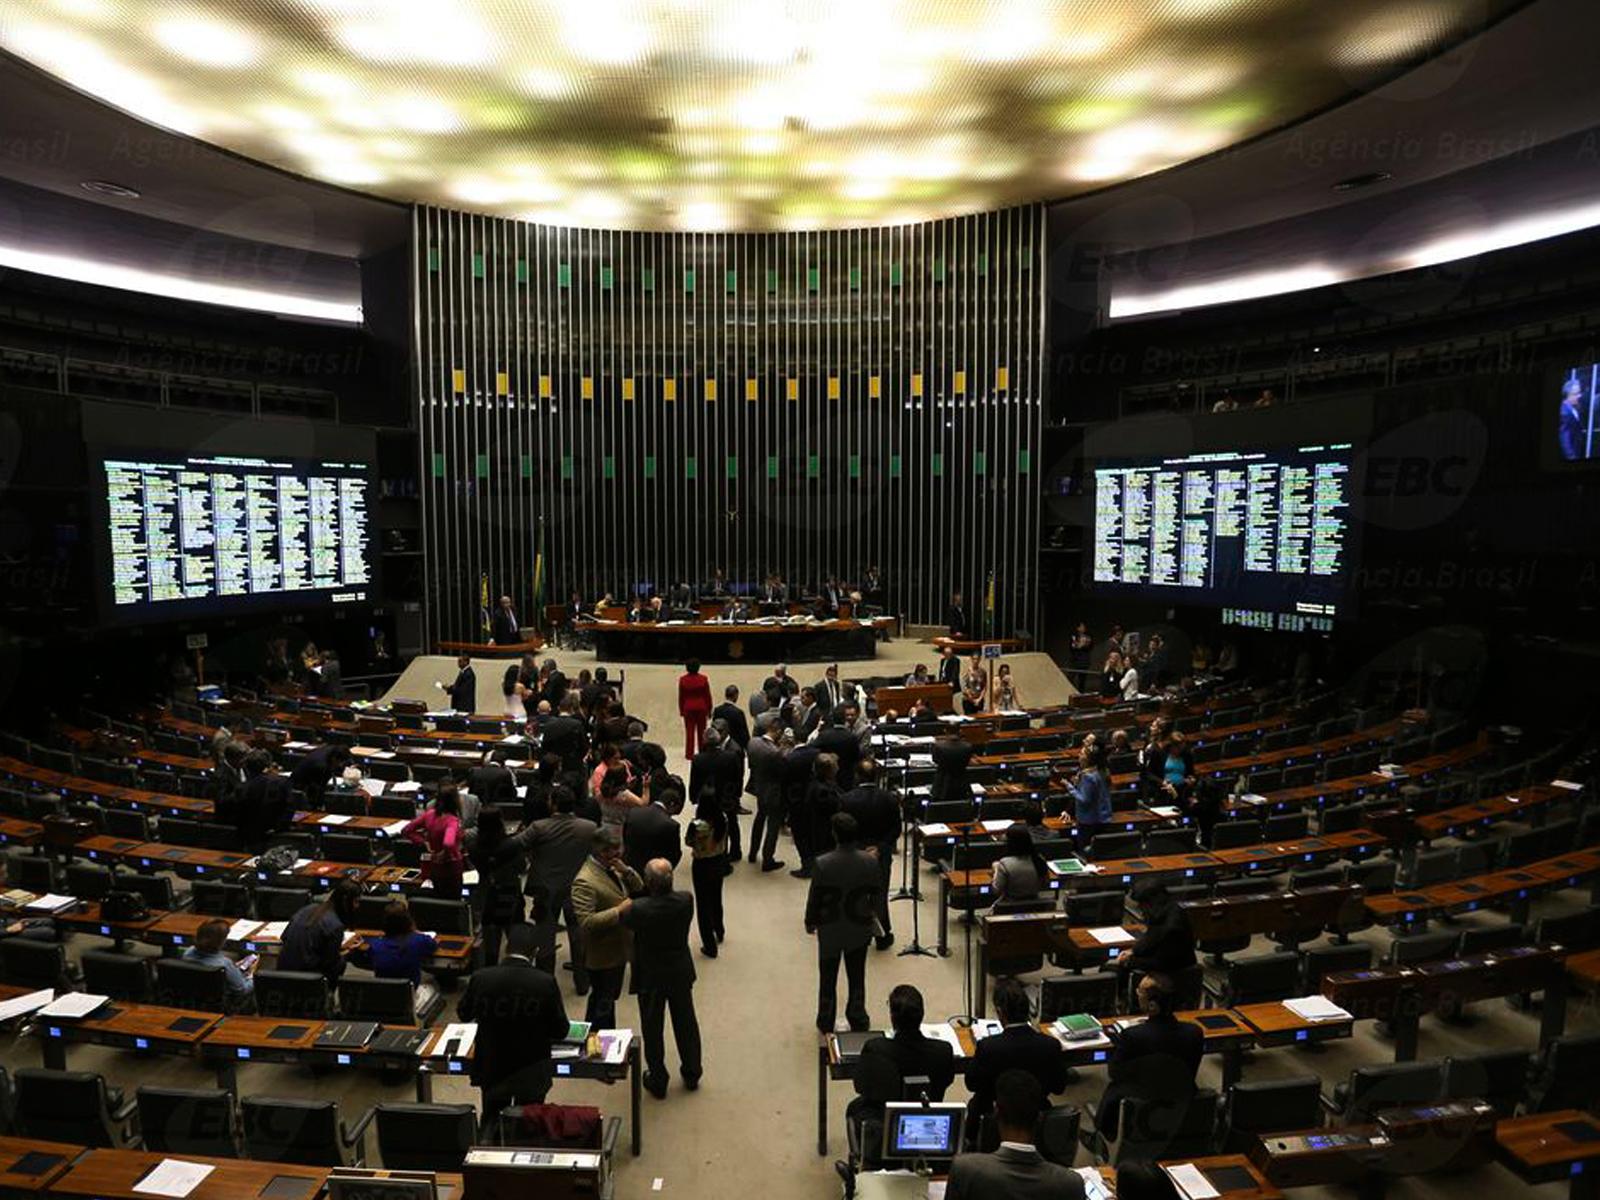 O Brasil vive uma crise de representação no poder político